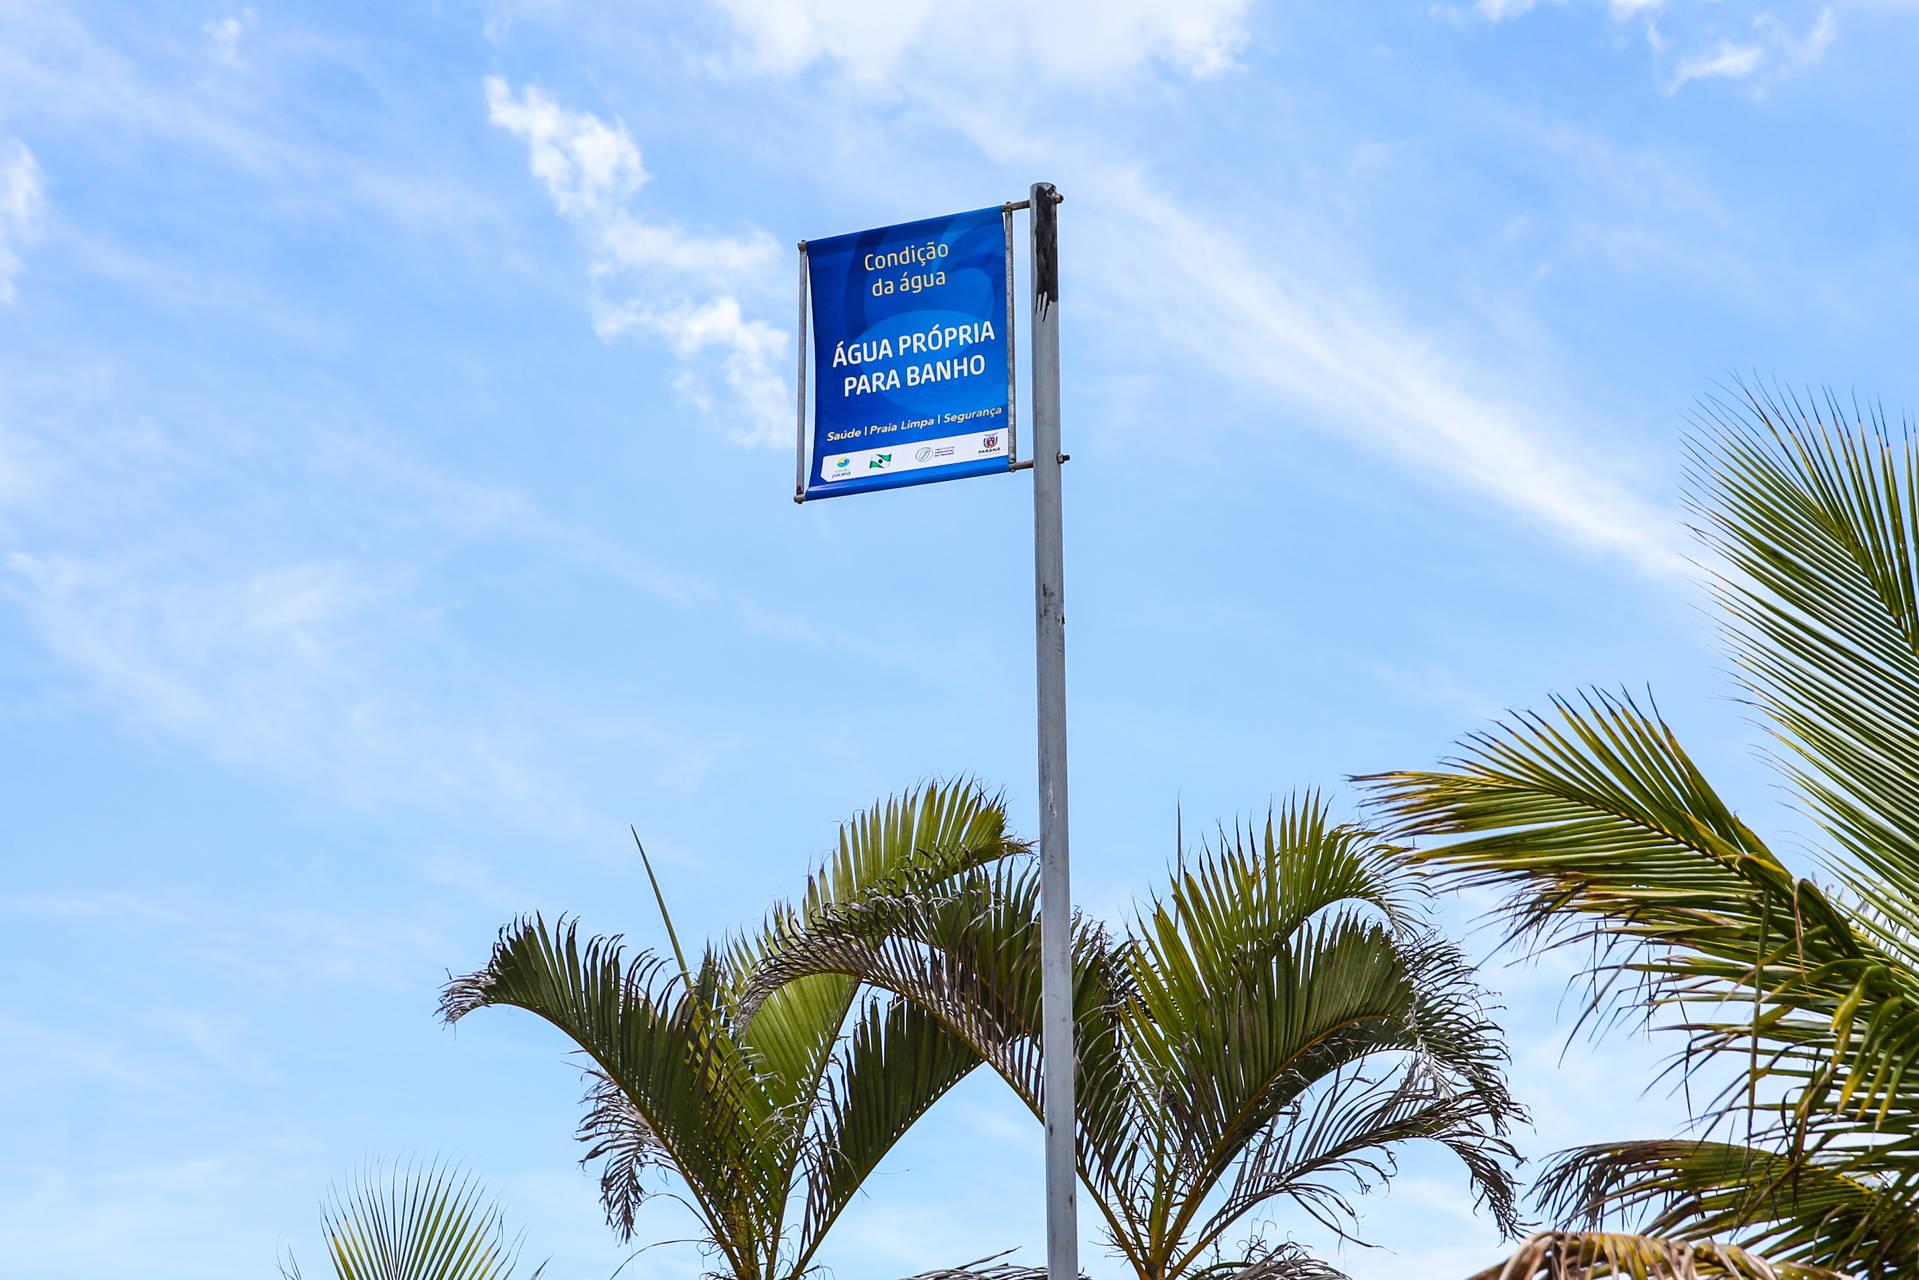 Segundo boletim de balneabilidade emitido pelo IAP indica somente Ponta da Pita, em Antonina, como ponto impróprio para banho. No Interior, todos os locais estão próprios.